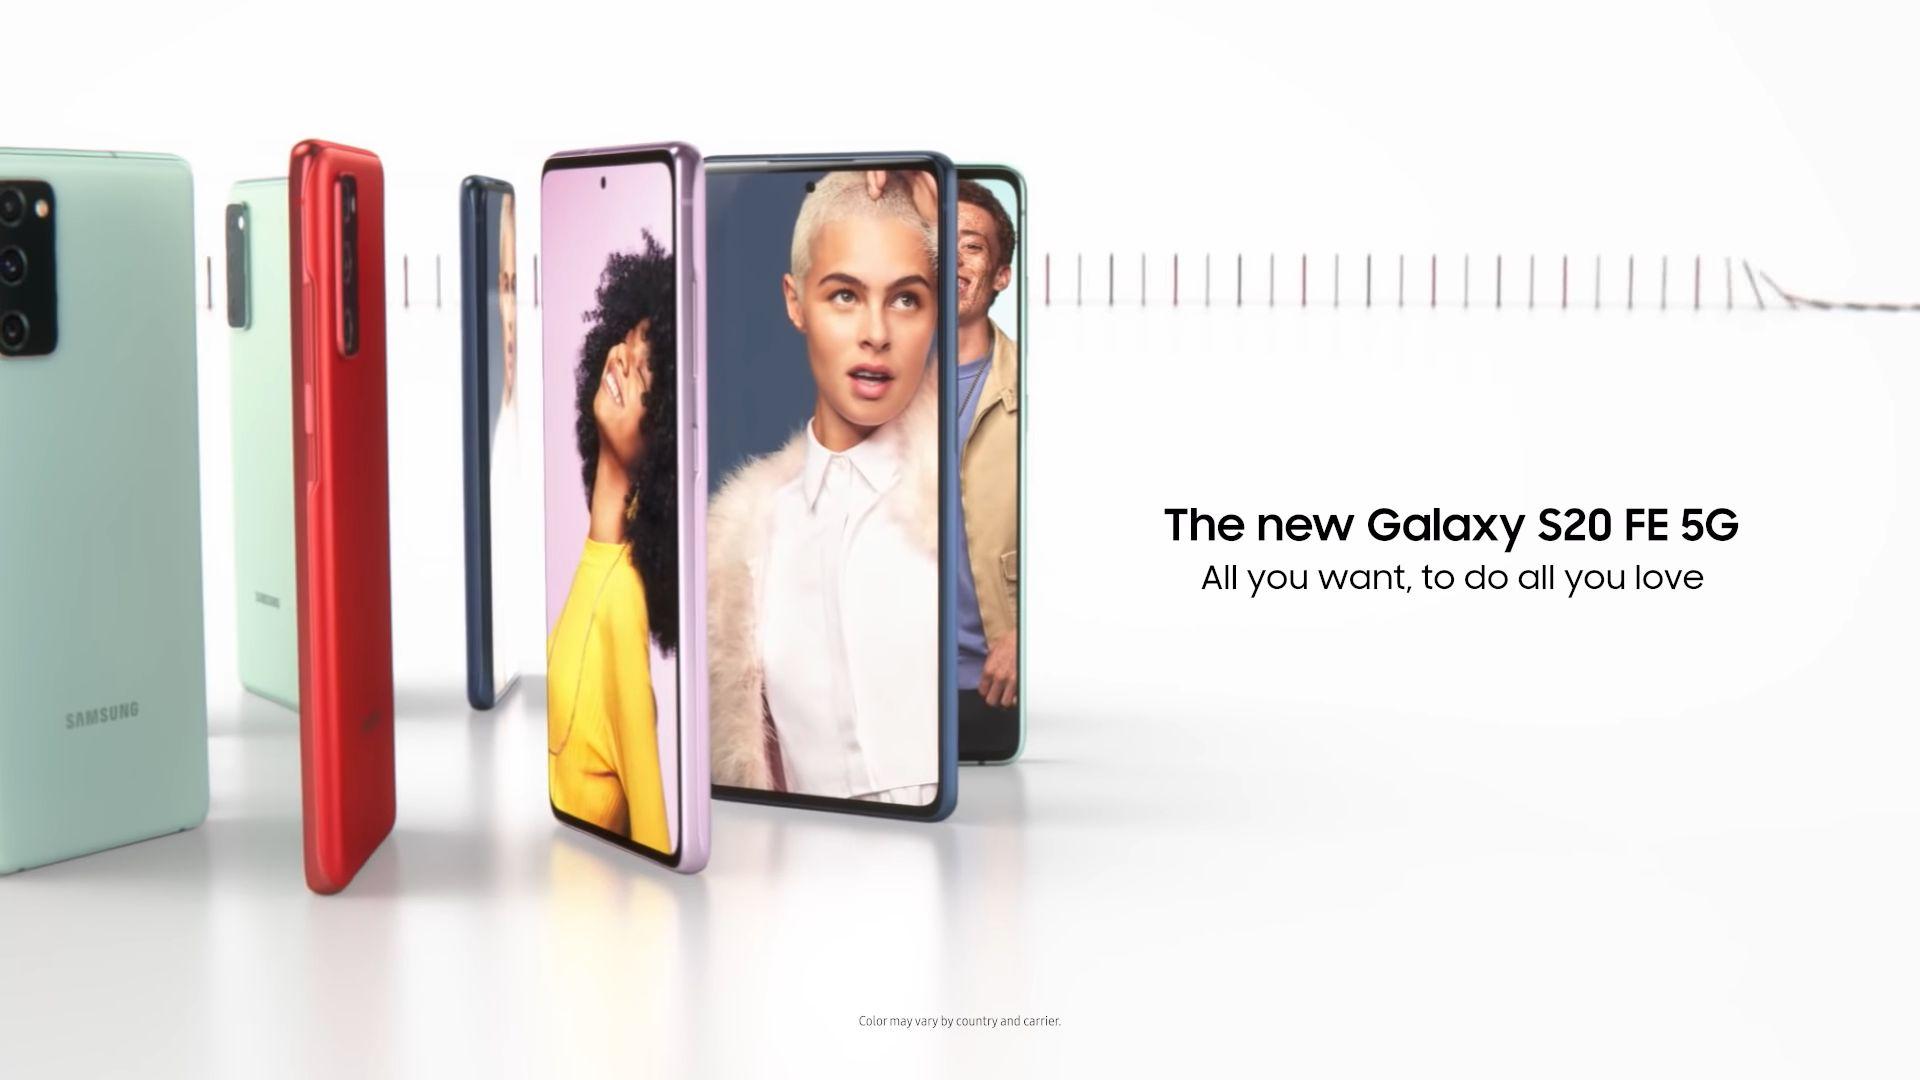 Samsung Galaxy S20 FE 5G e Galaxy S20 FE sono stati presentati ufficialmente: i Galaxy S20 colorati e low-cost